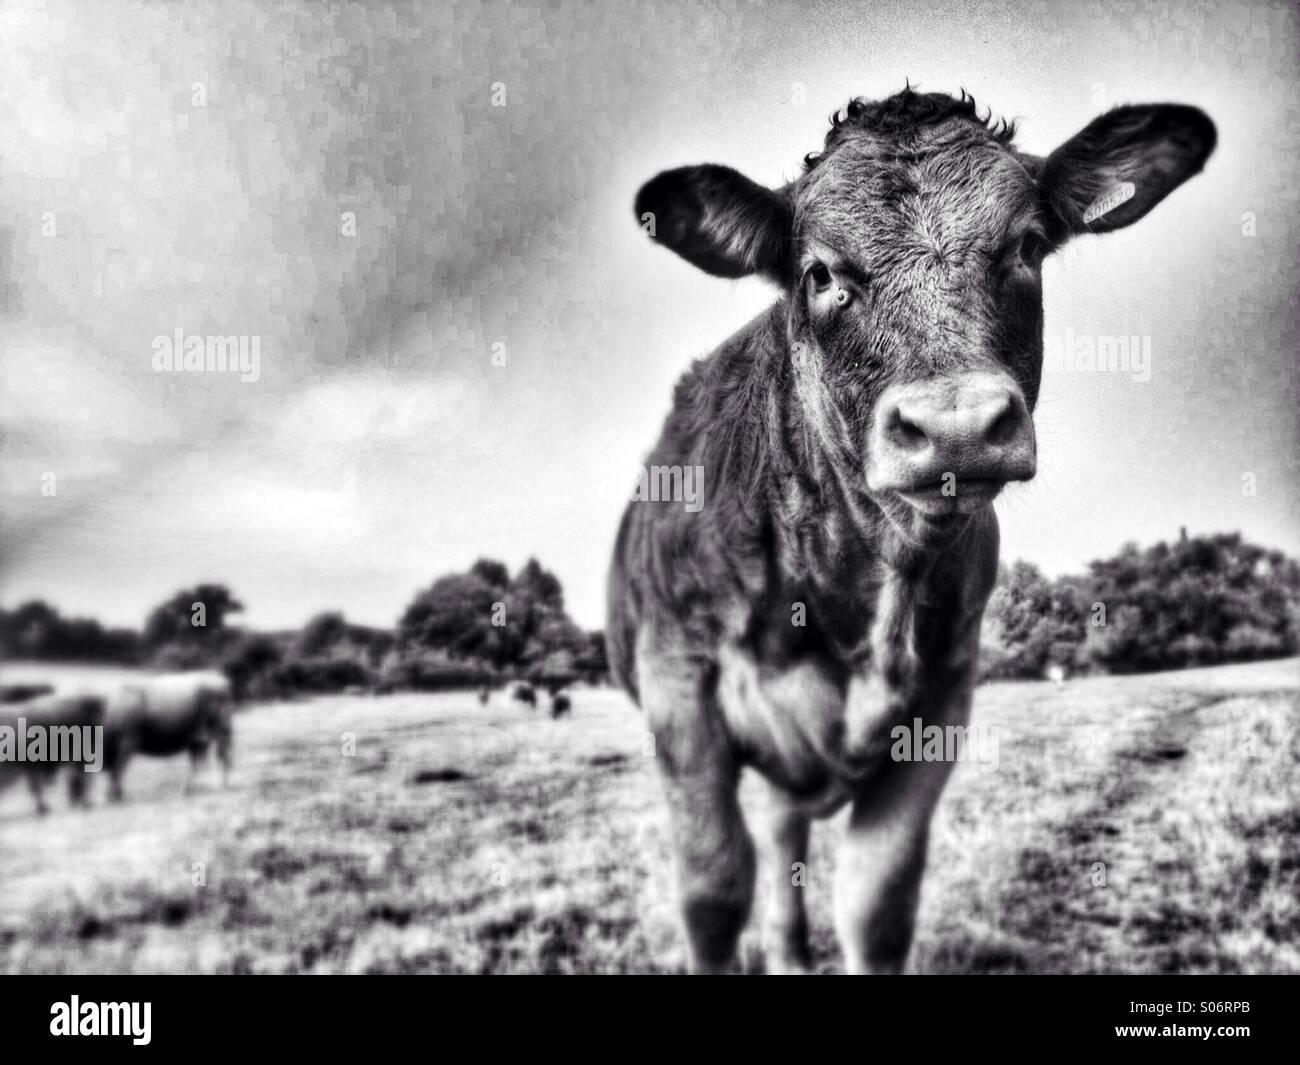 Schwarz / weiß Bild eines jungen Kalbes starrte in die Kamera Stockbild